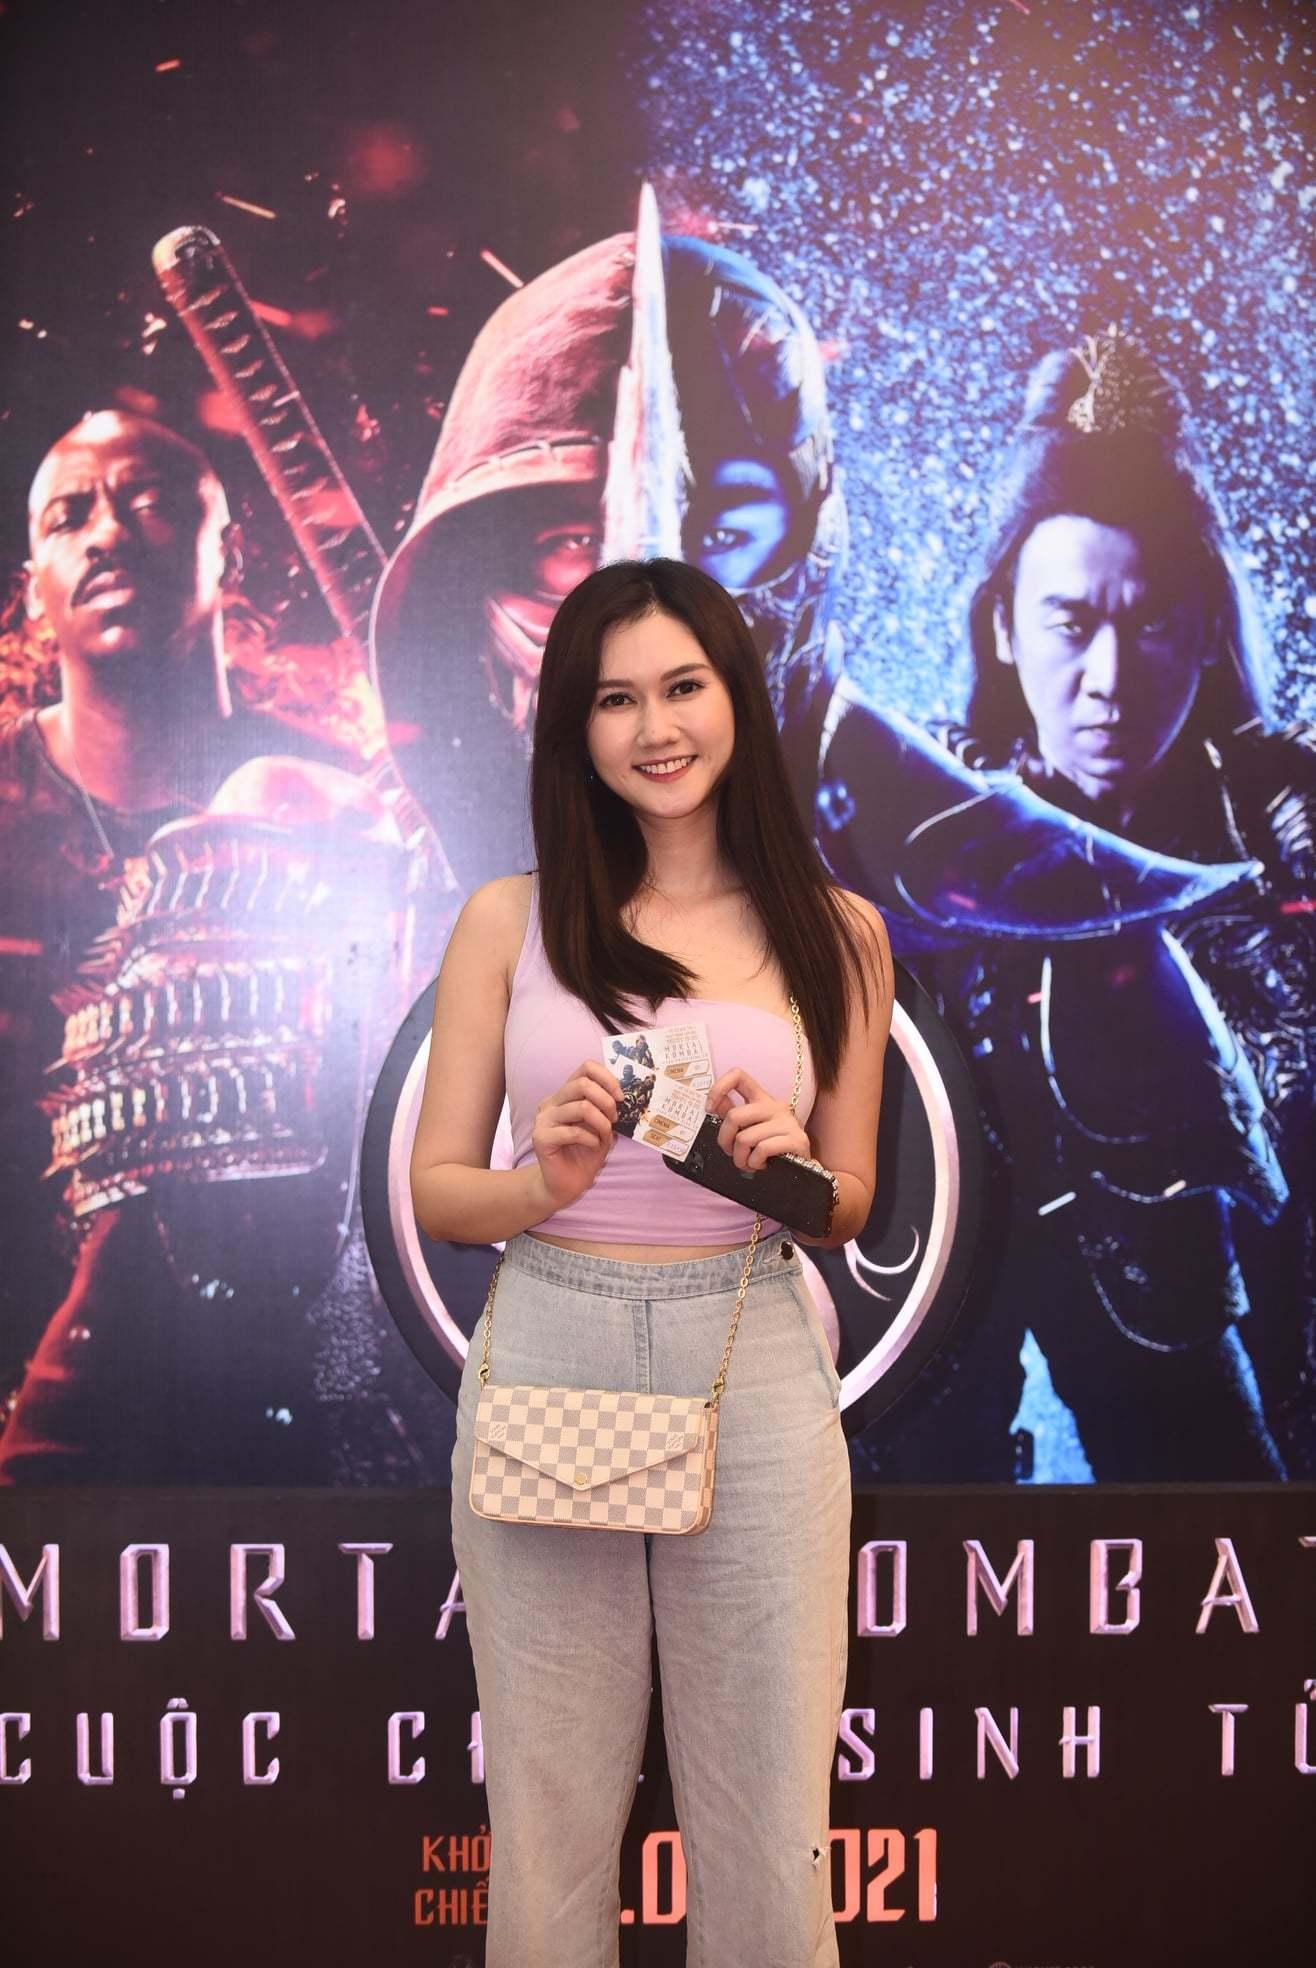 Huỳnh Anh xuất hiện cùng bạn gái MC hơn 6 tuổi